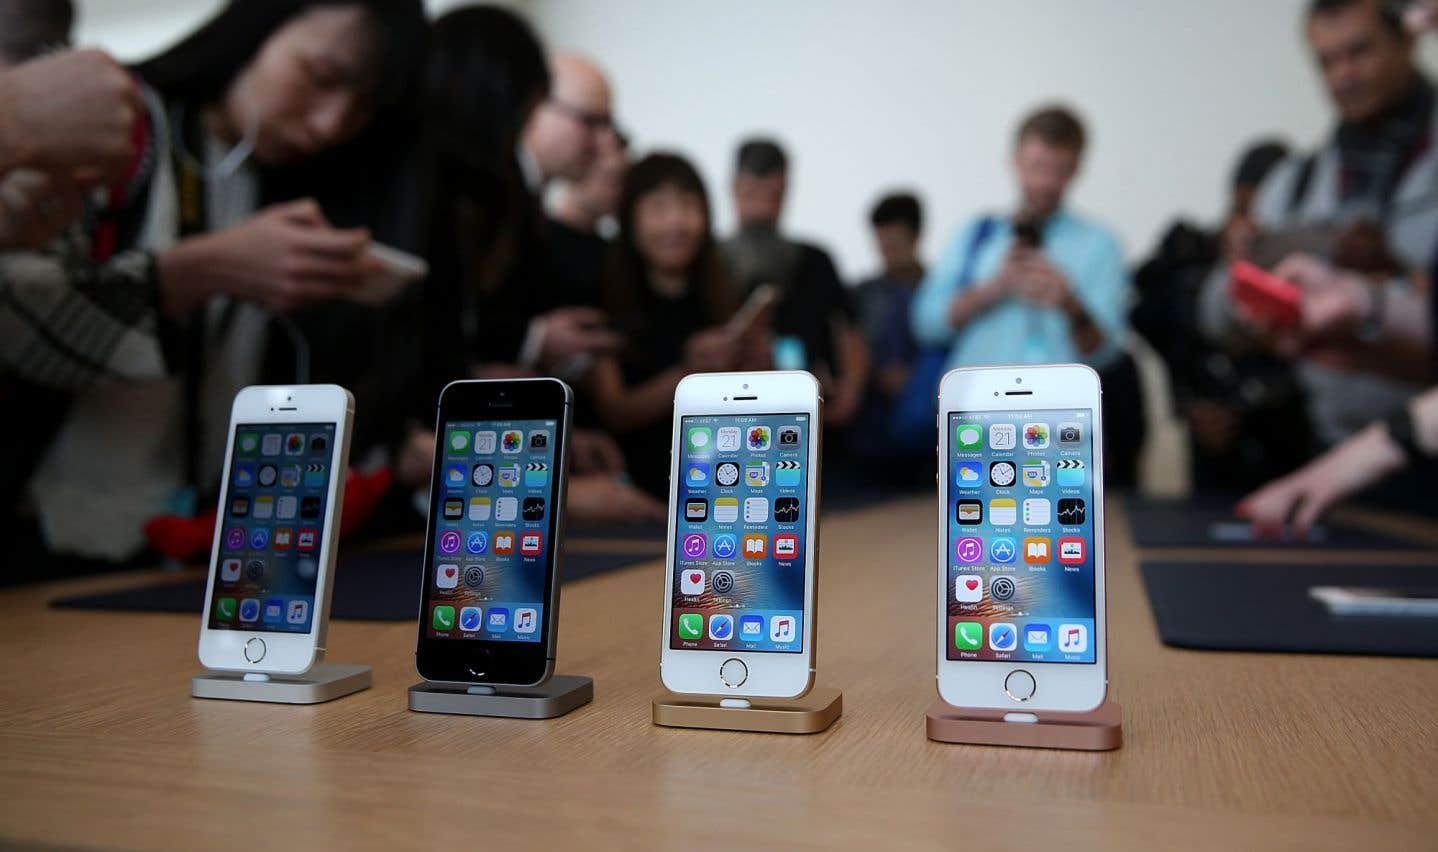 Le bénéfice d'Apple souffre de la chute des ventes de iPhone